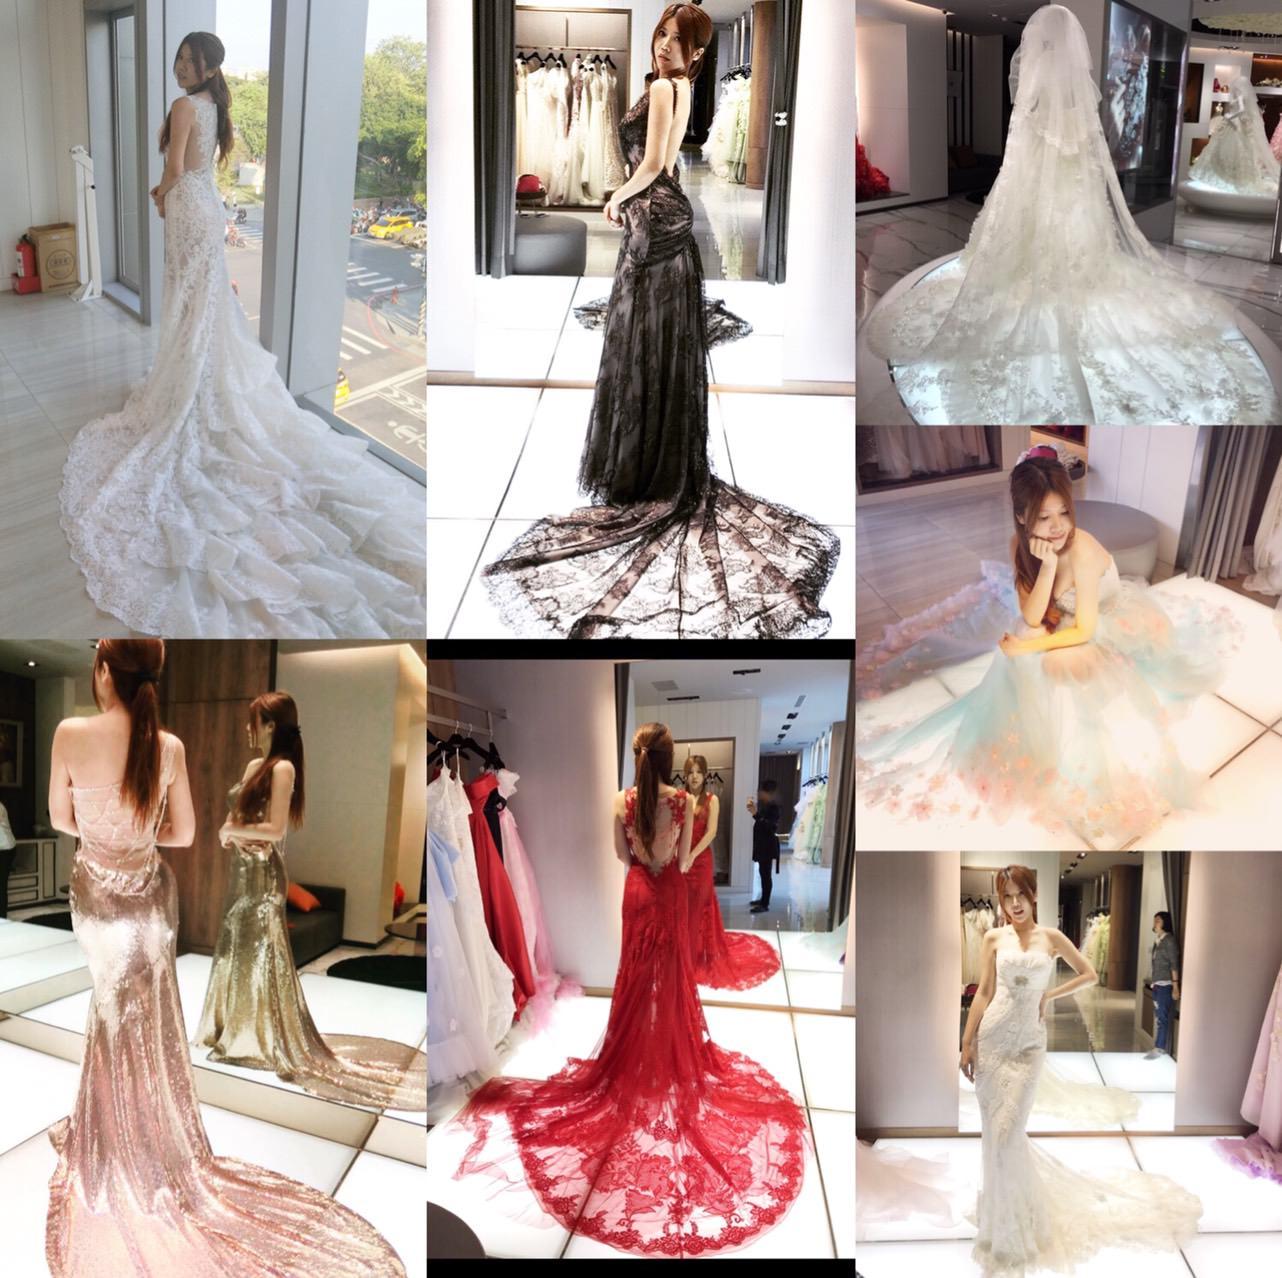 [花婚嫁]我的超頂級精品婚紗-華納婚紗精品概念館(推薦)